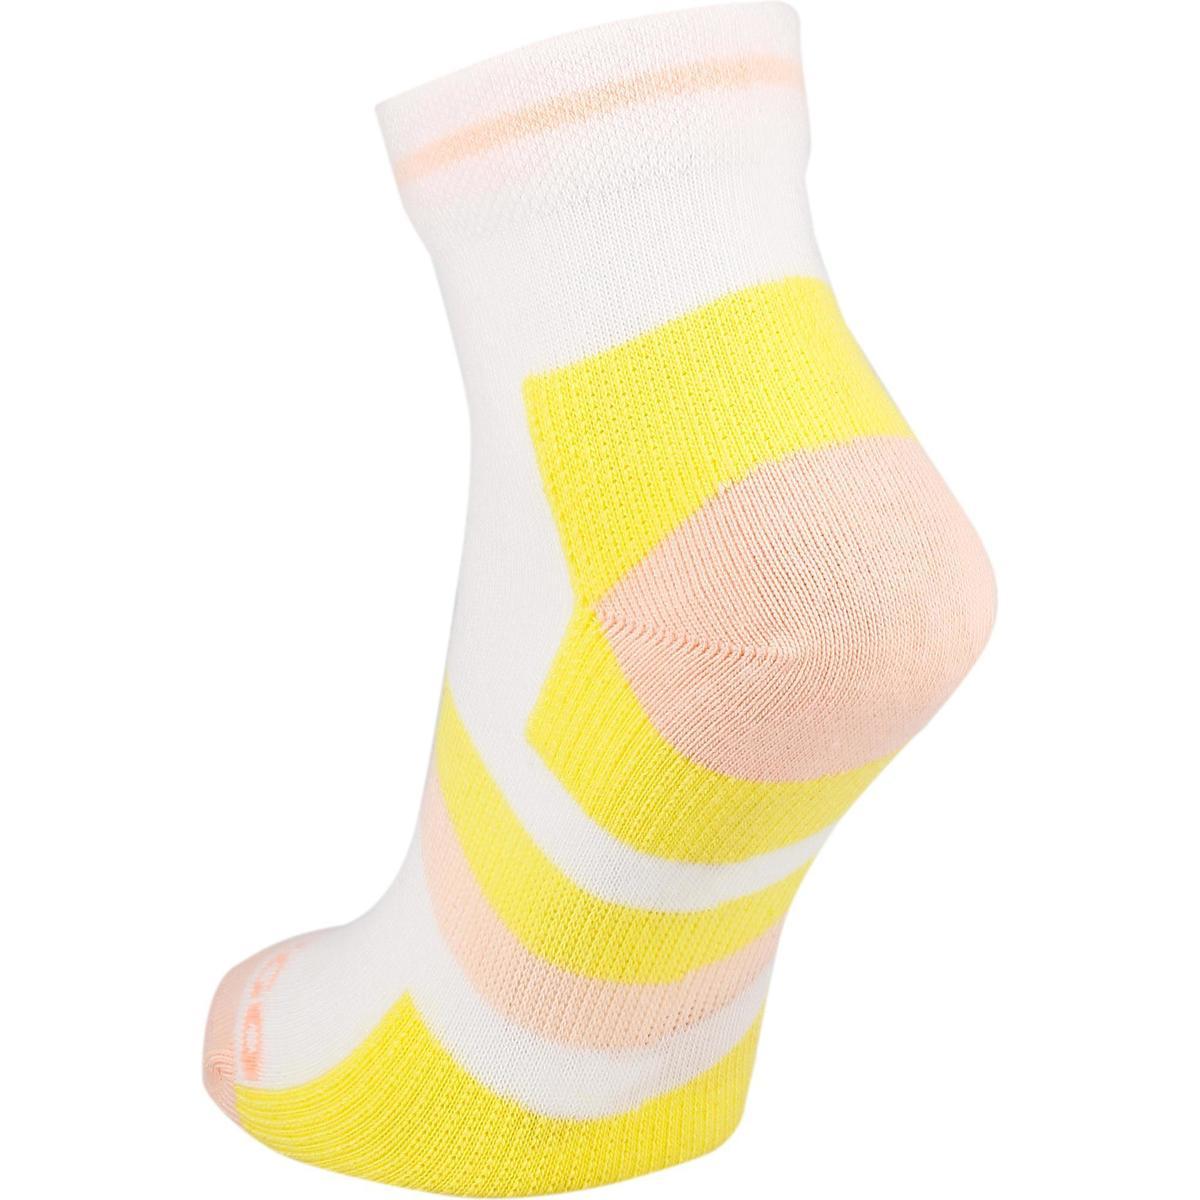 Bild 3 von Tennissocken RS 160 Mid Kinder 3er Pack rosa/gelb